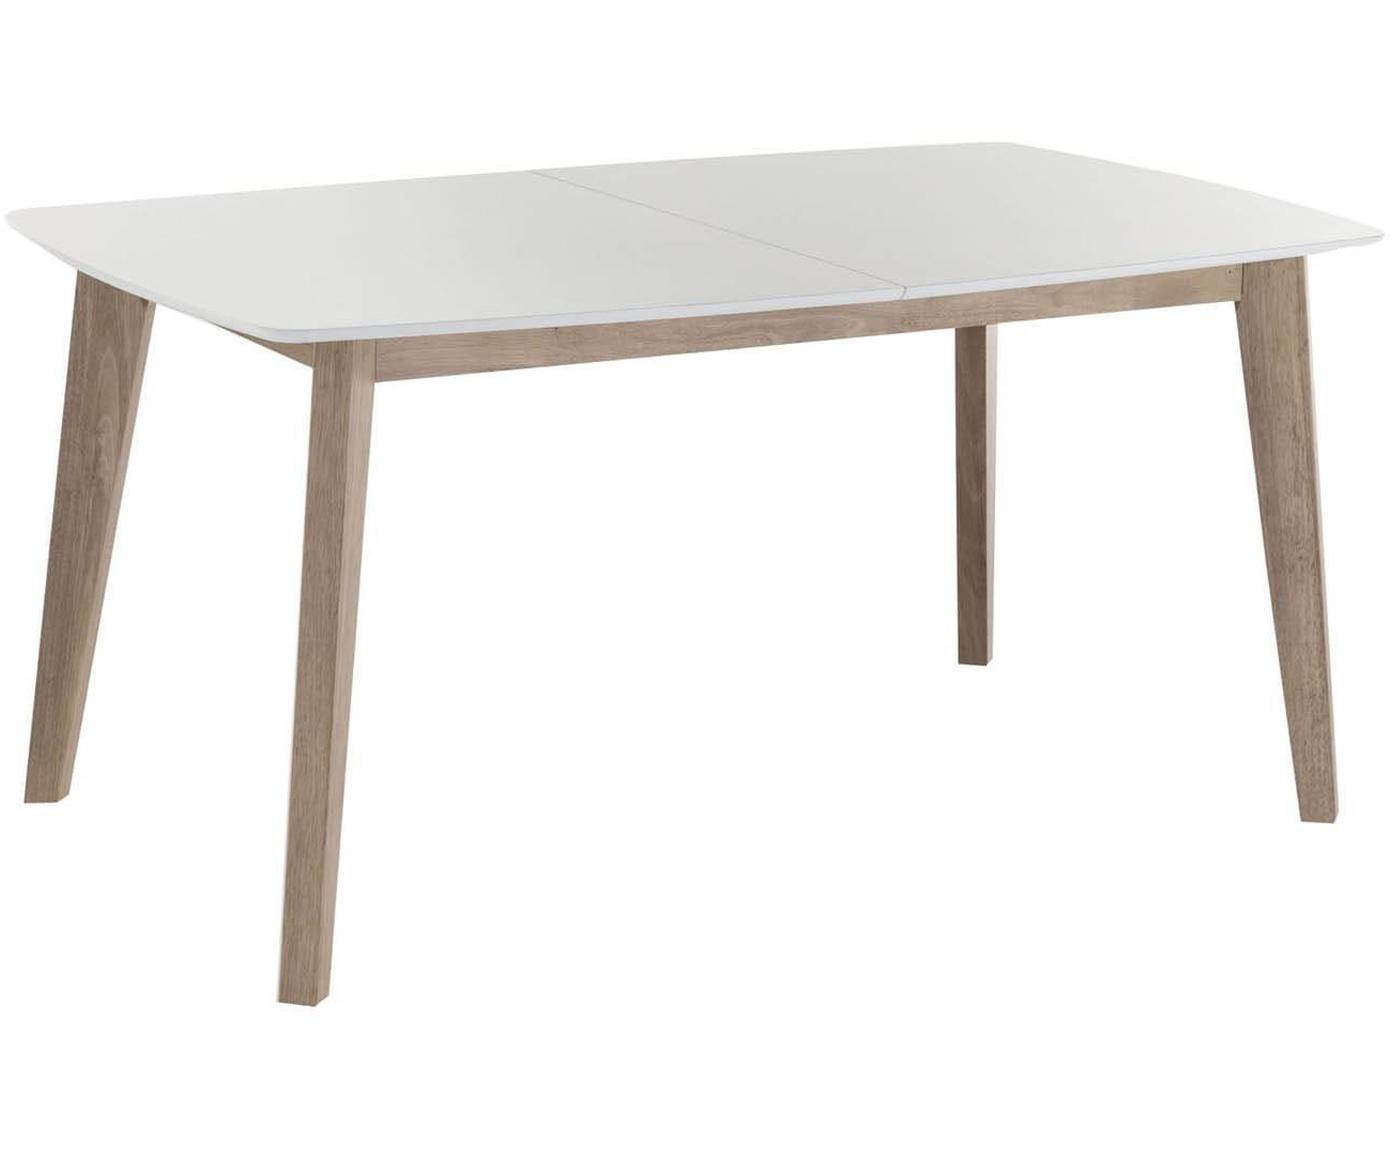 Mesa de comedor extensible Kyra, Tablero de fibras de densidad media (MDF), Blanco, beige, An 200 x Al 75 cm